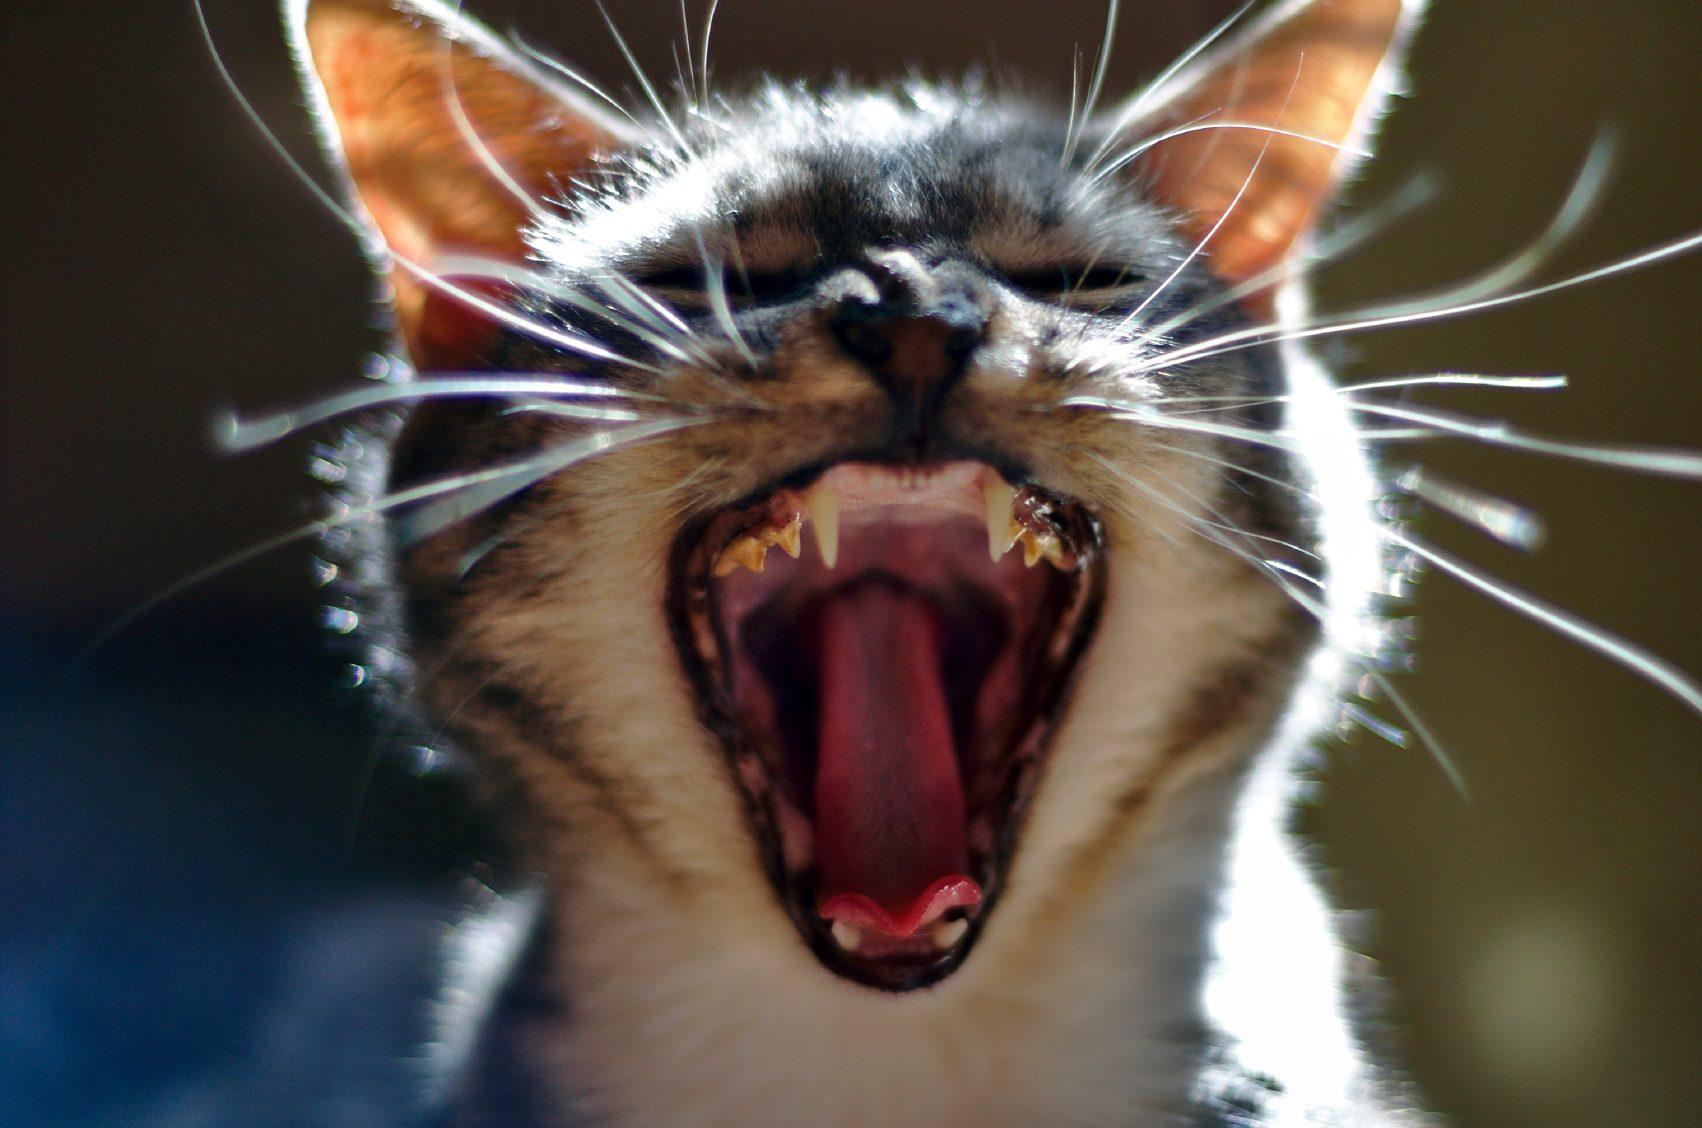 8. Les chats se nettoient les dents avec de la viande